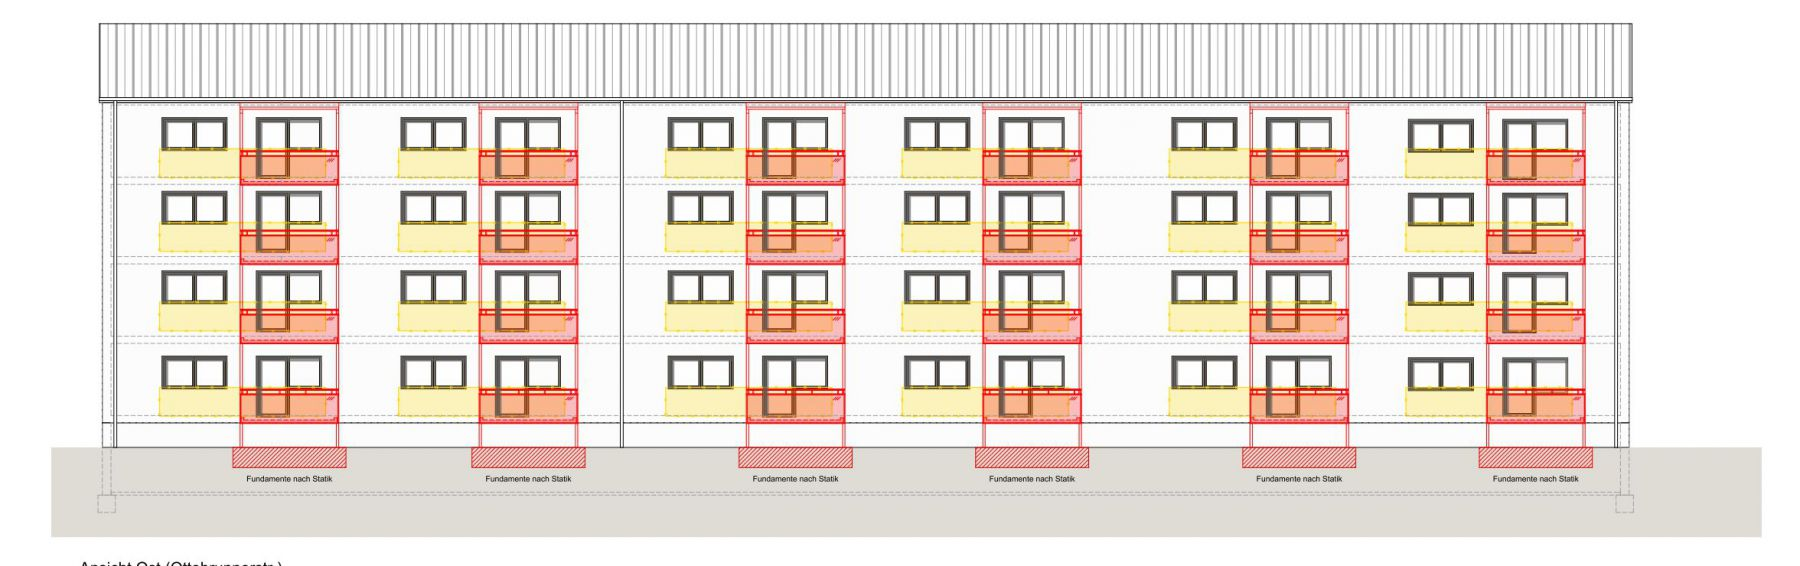 Balkonerneuerung-Muenchen-3